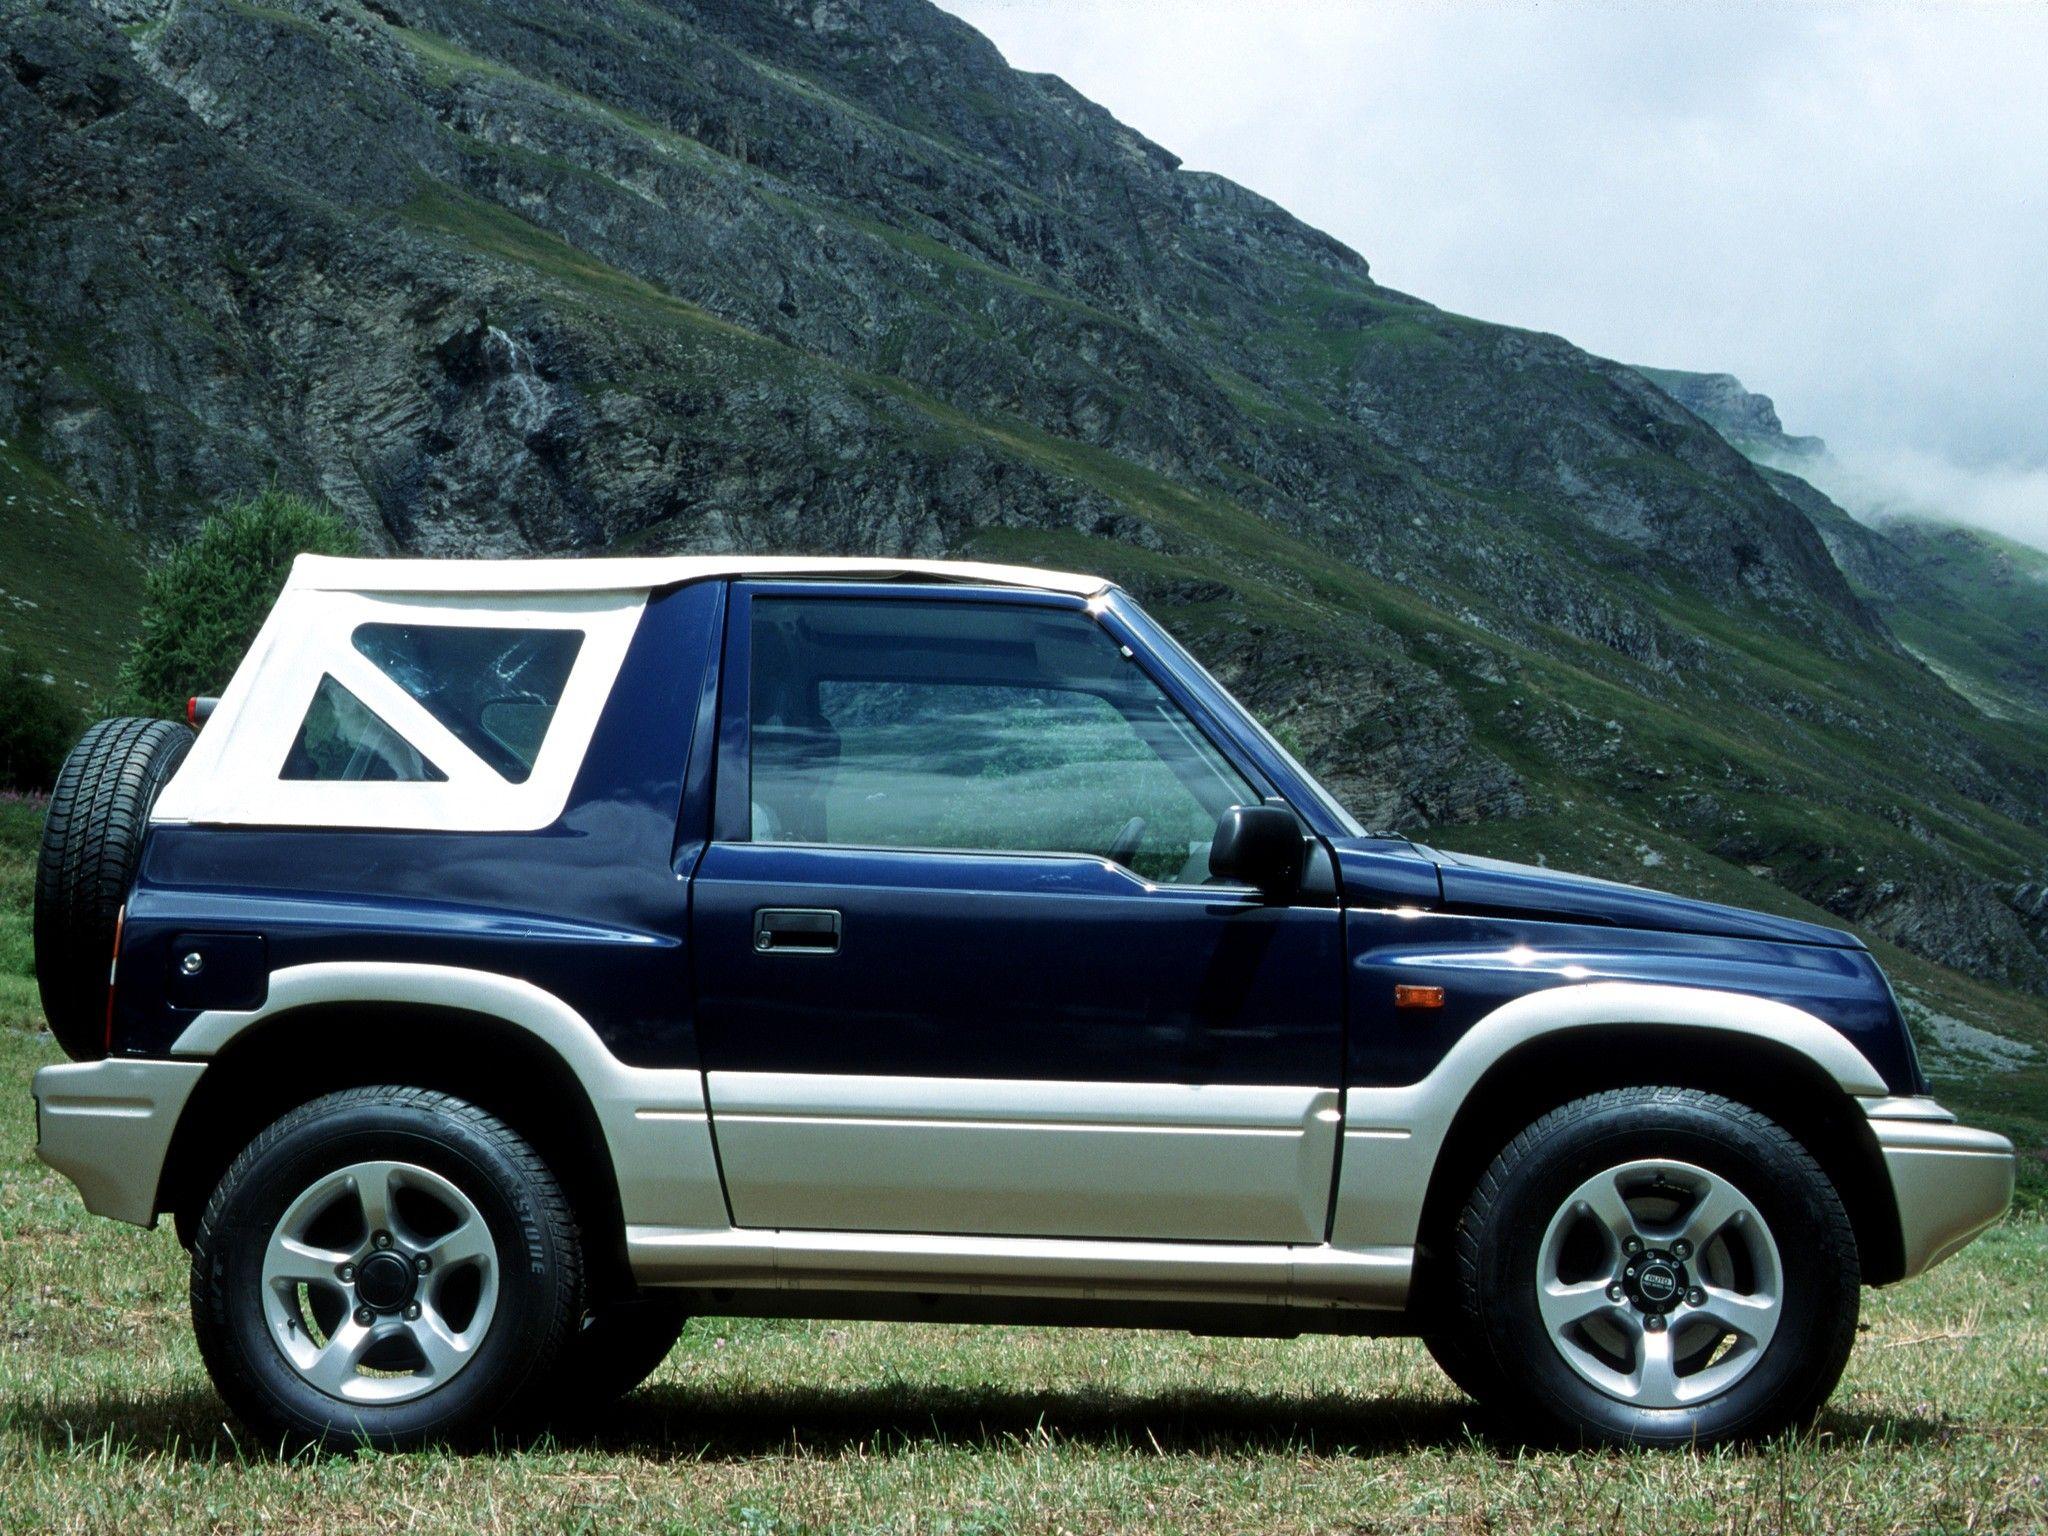 Suzuki Vitara 1 6 Jlx 3 Kapi Ile Ilgili Gorsel Sonucu